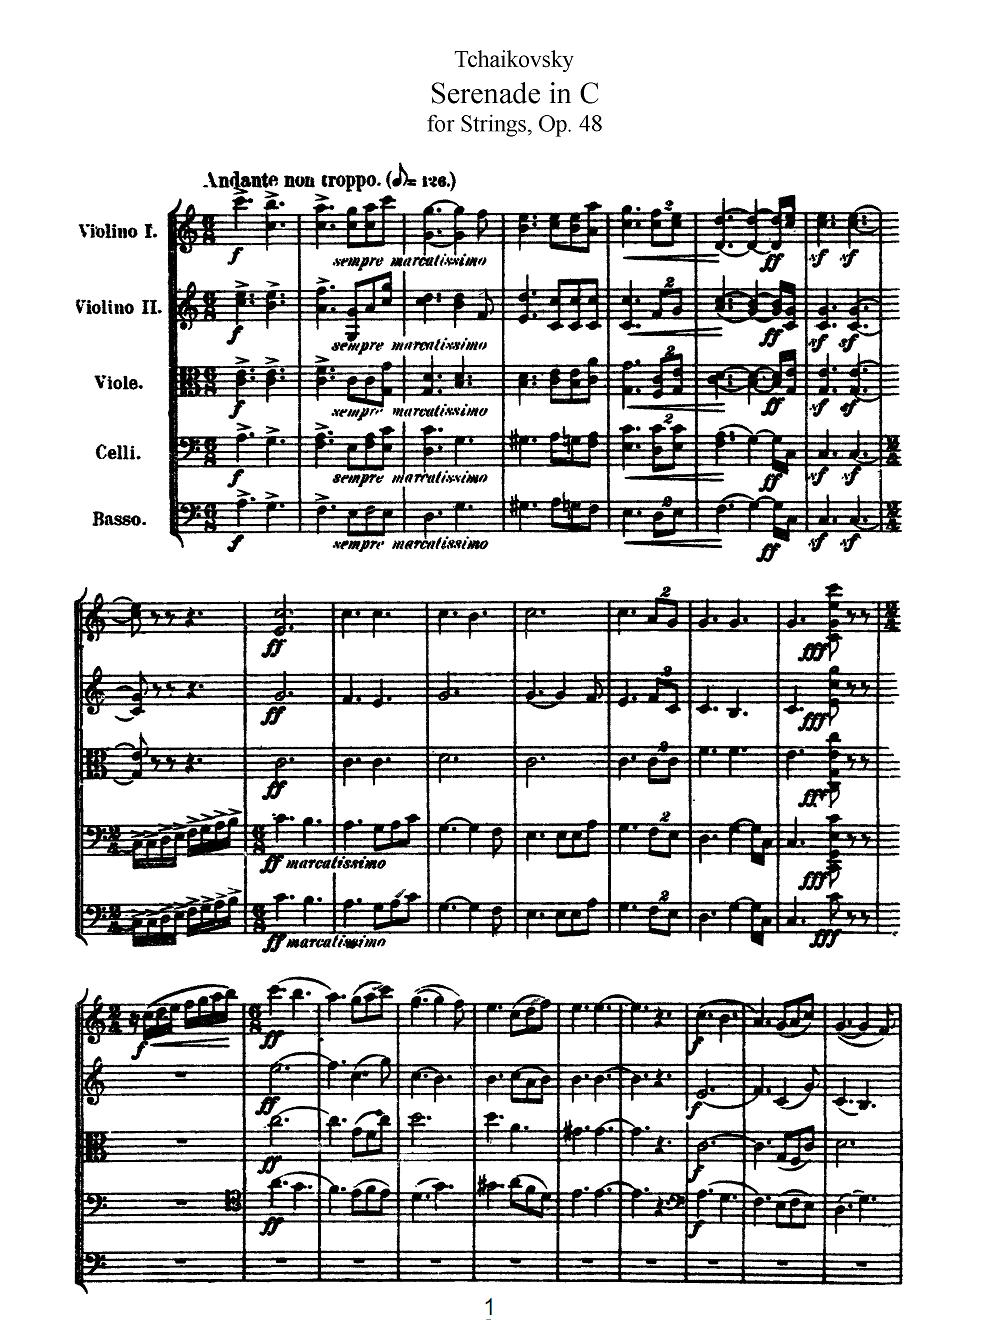 柴可夫斯基弦乐小夜曲op.48总谱五线谱乐谱两套(送mp3